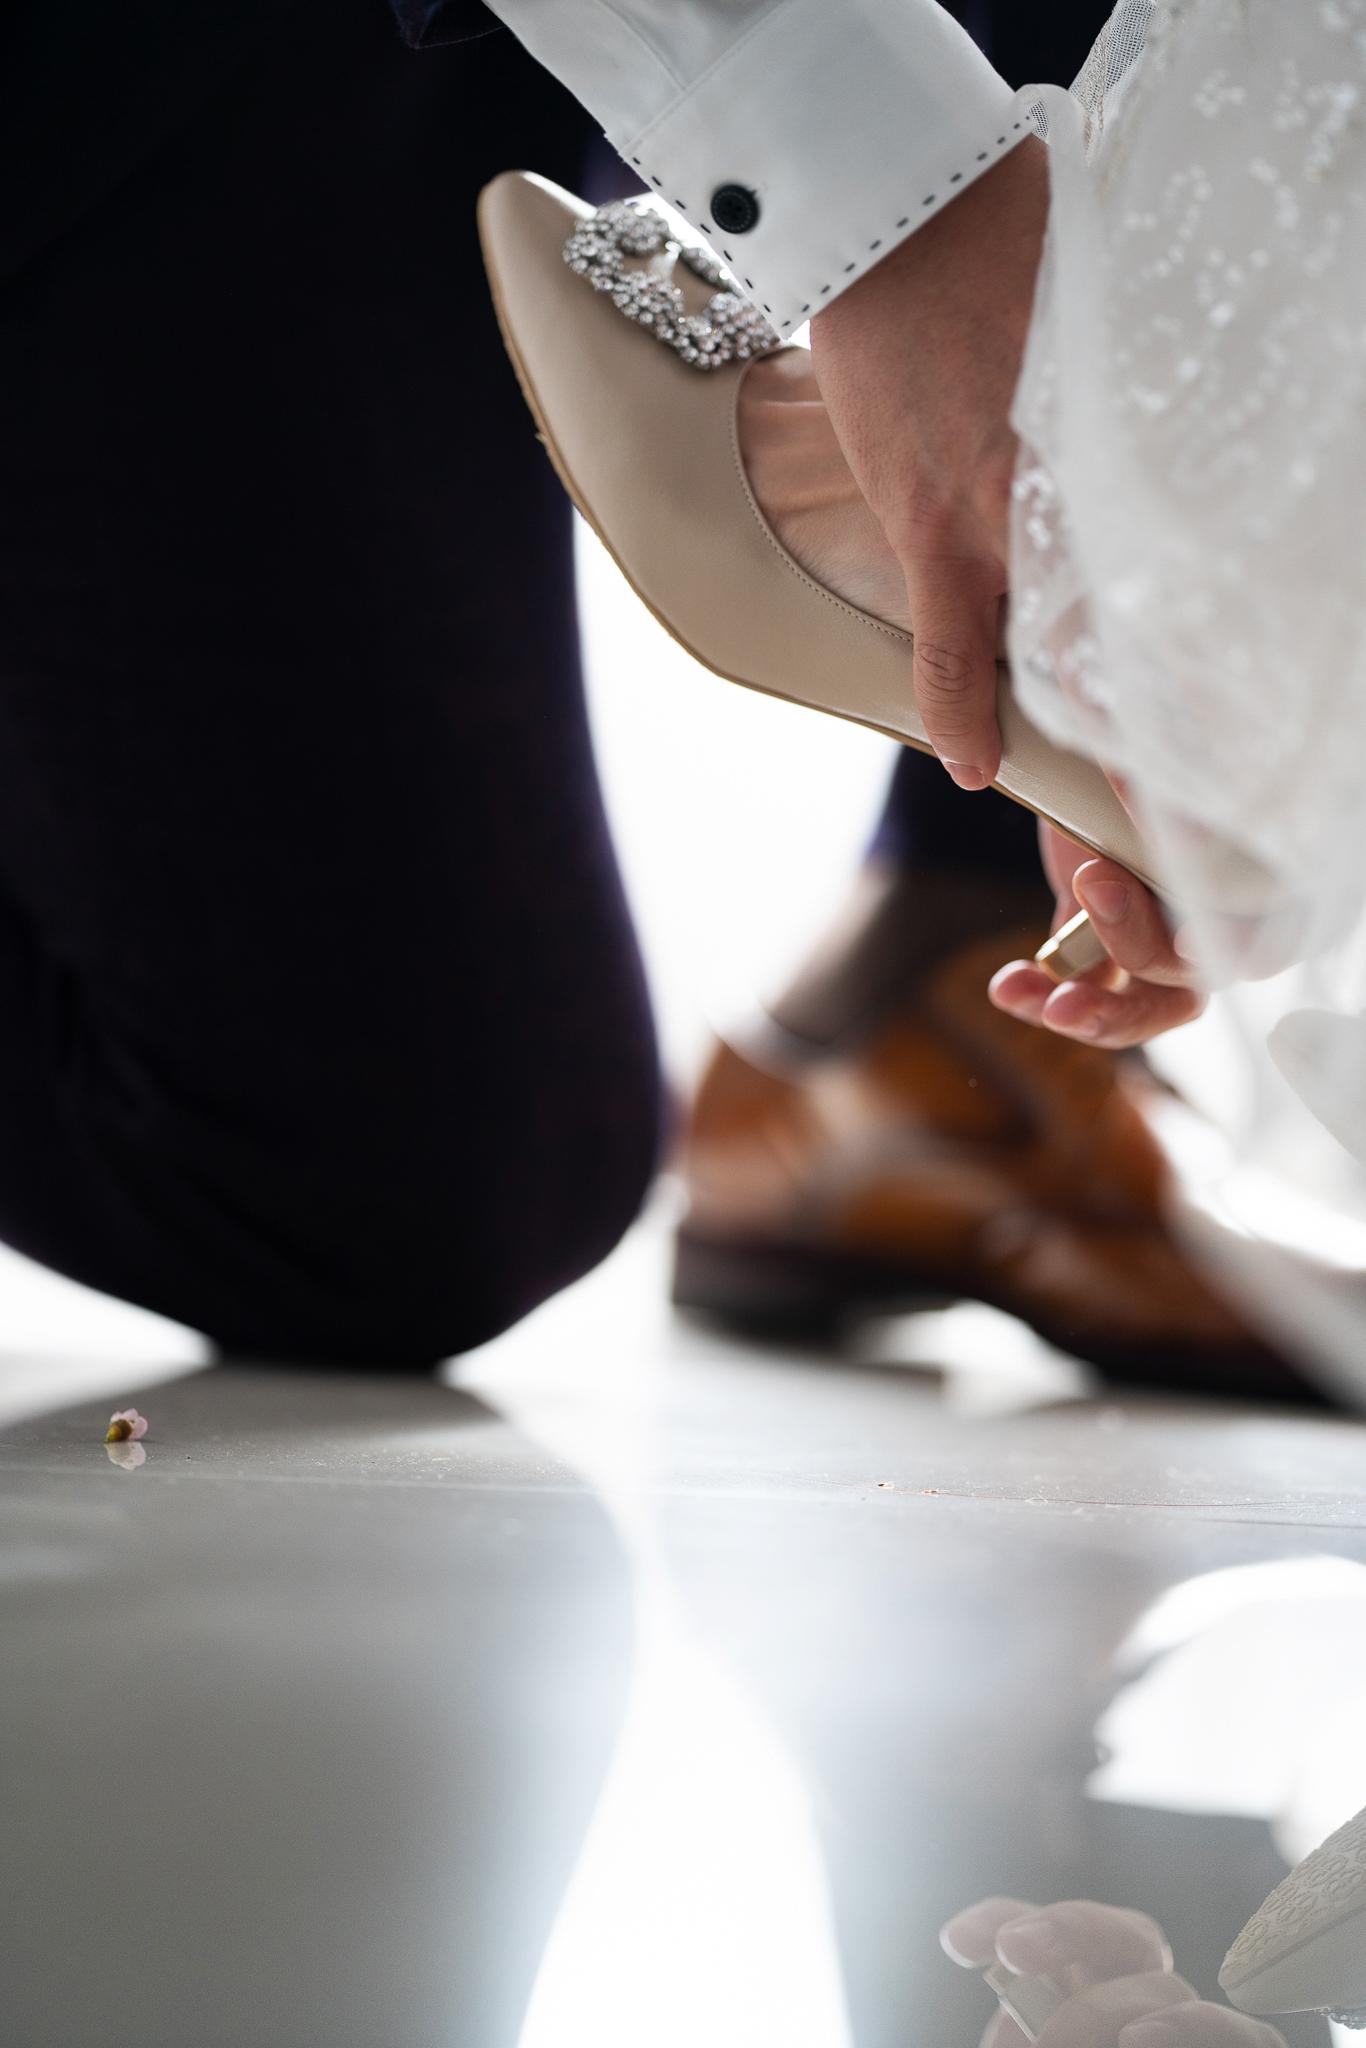 婚禮紀錄 婚攝小亮 推薦婚攝 台北婚攝 ptt推薦 淡水嘉廬 嘉廬婚攝 戶外婚禮